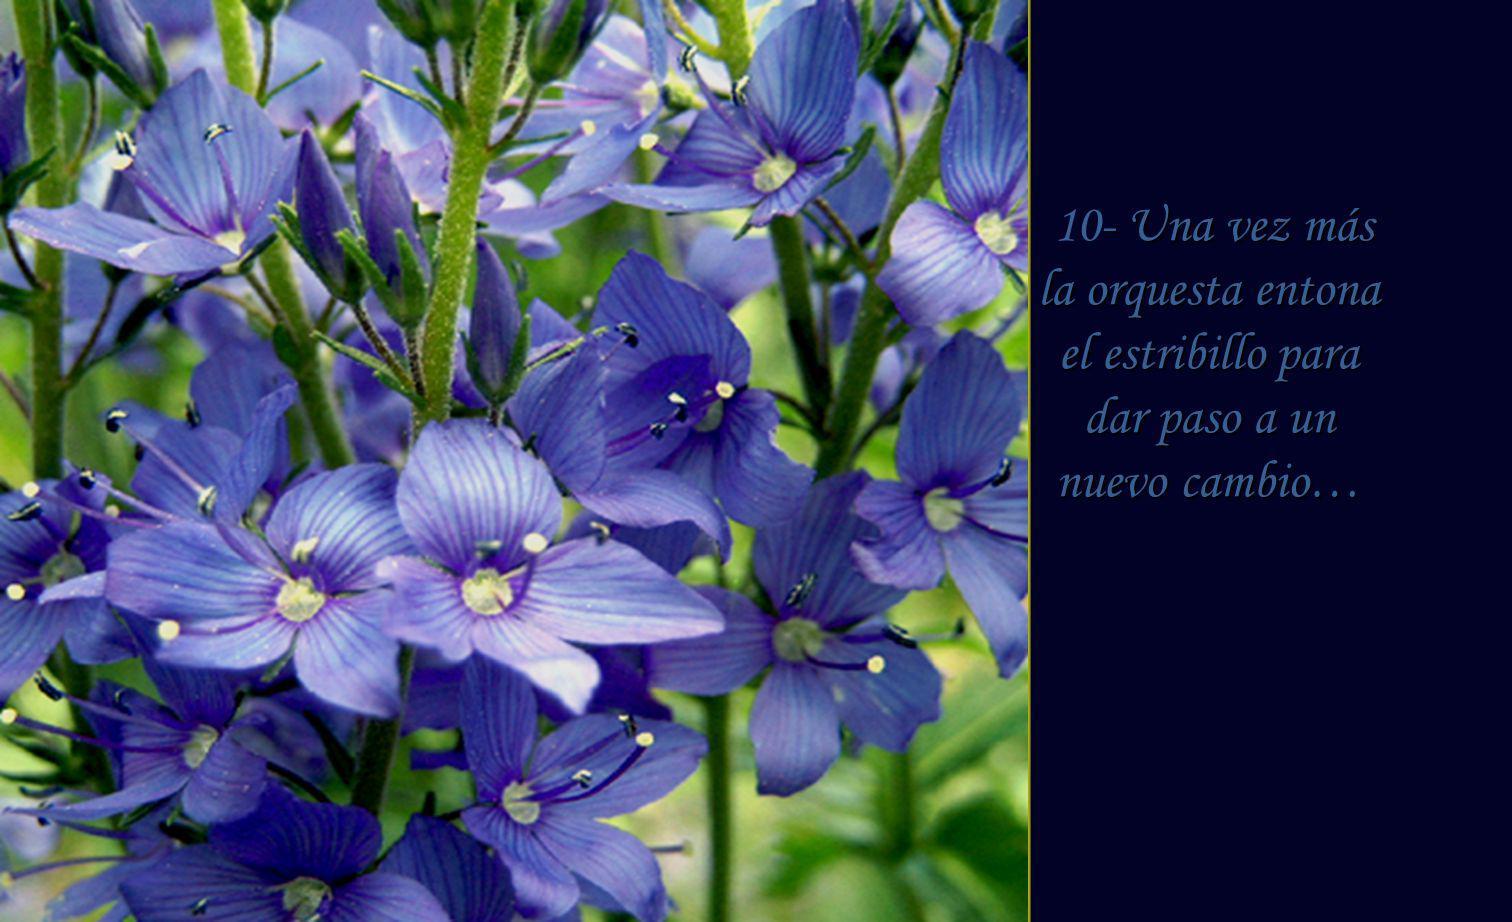 9- Es el momento de apreciar de apreciar tanta belleza y de contemplar las flores color cielo.